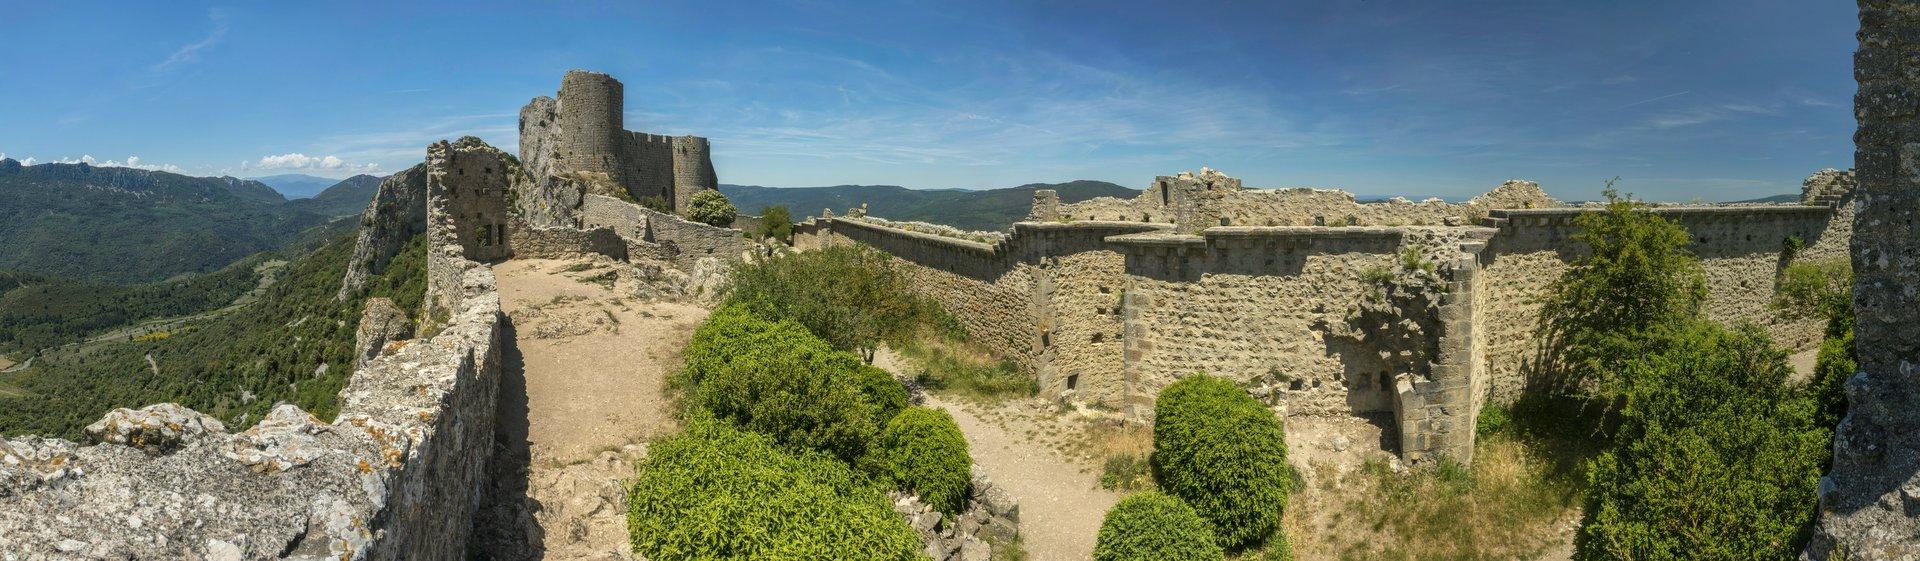 Panorama der ersten Ringmauer und Blick auf den Donjon der unteren Burg vom Château de Peyrepertuse